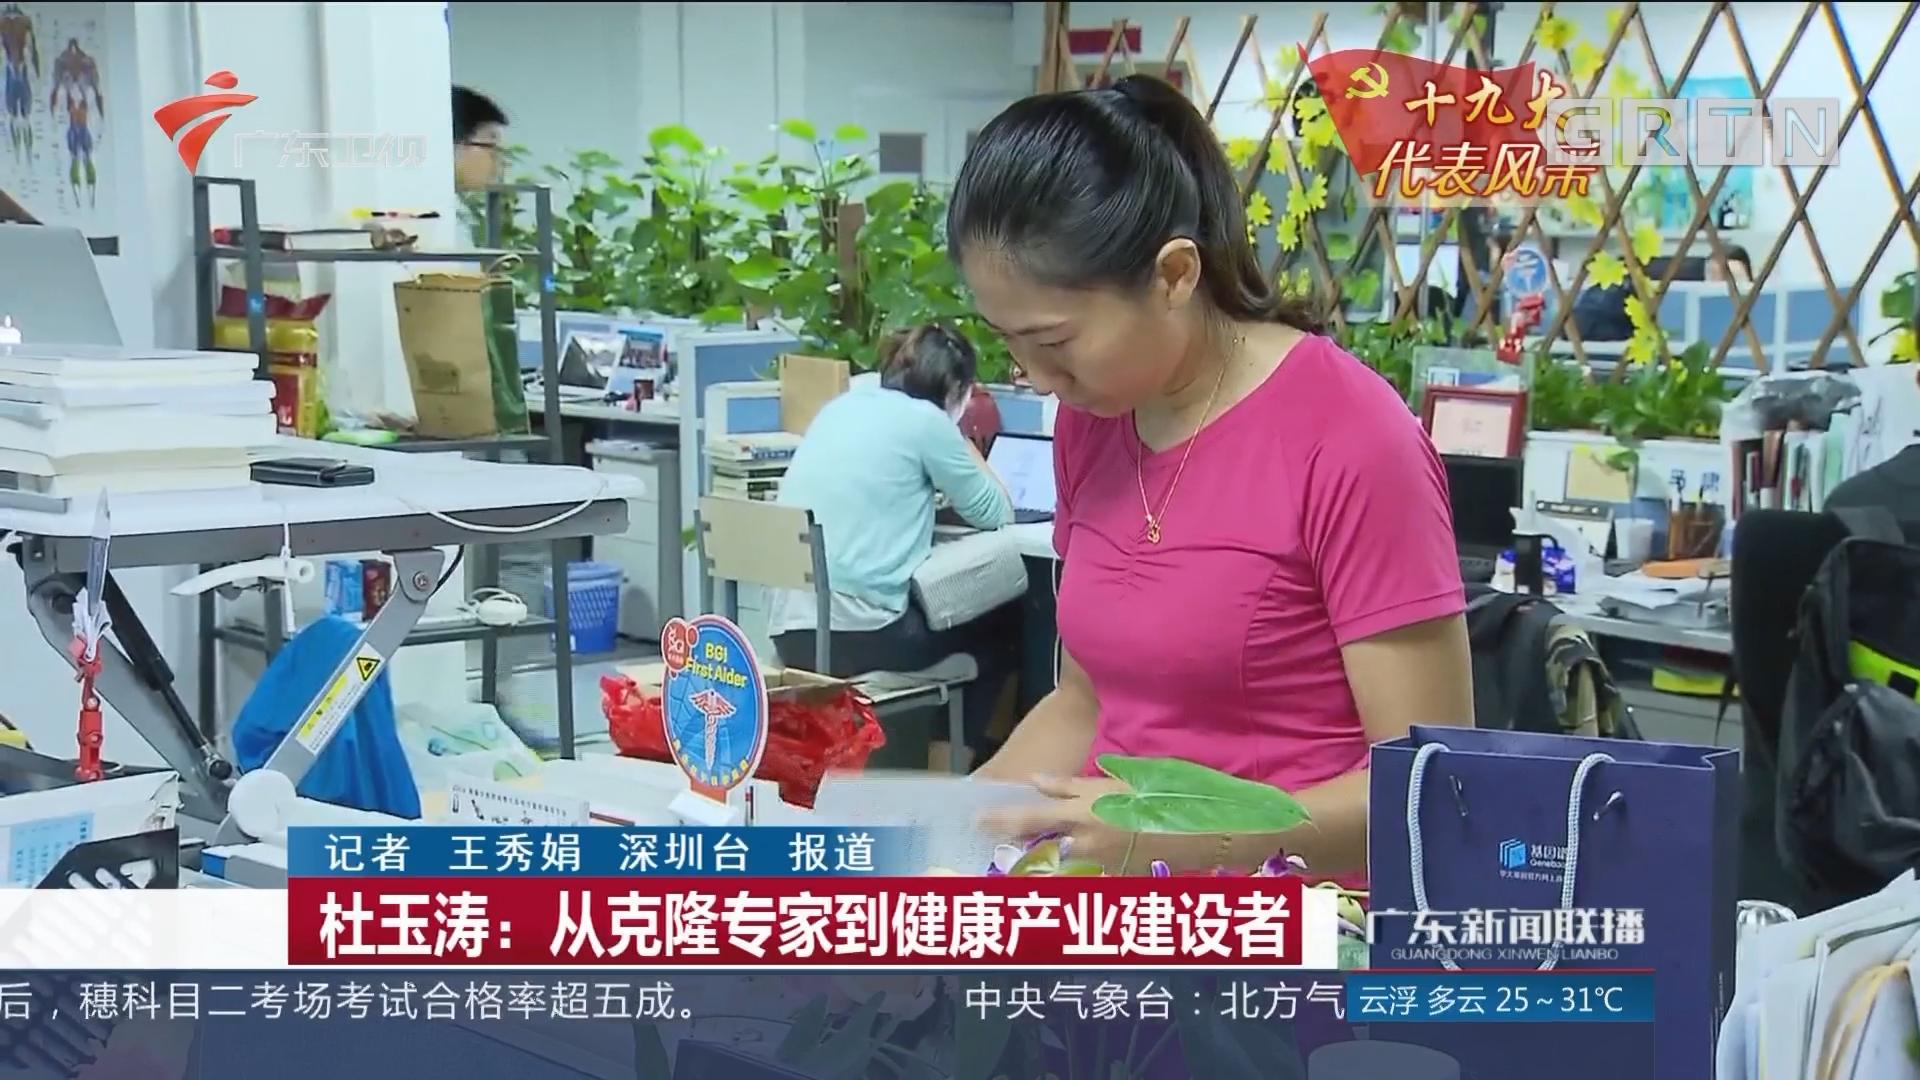 杜玉涛:从克隆专家到健康产业建设者